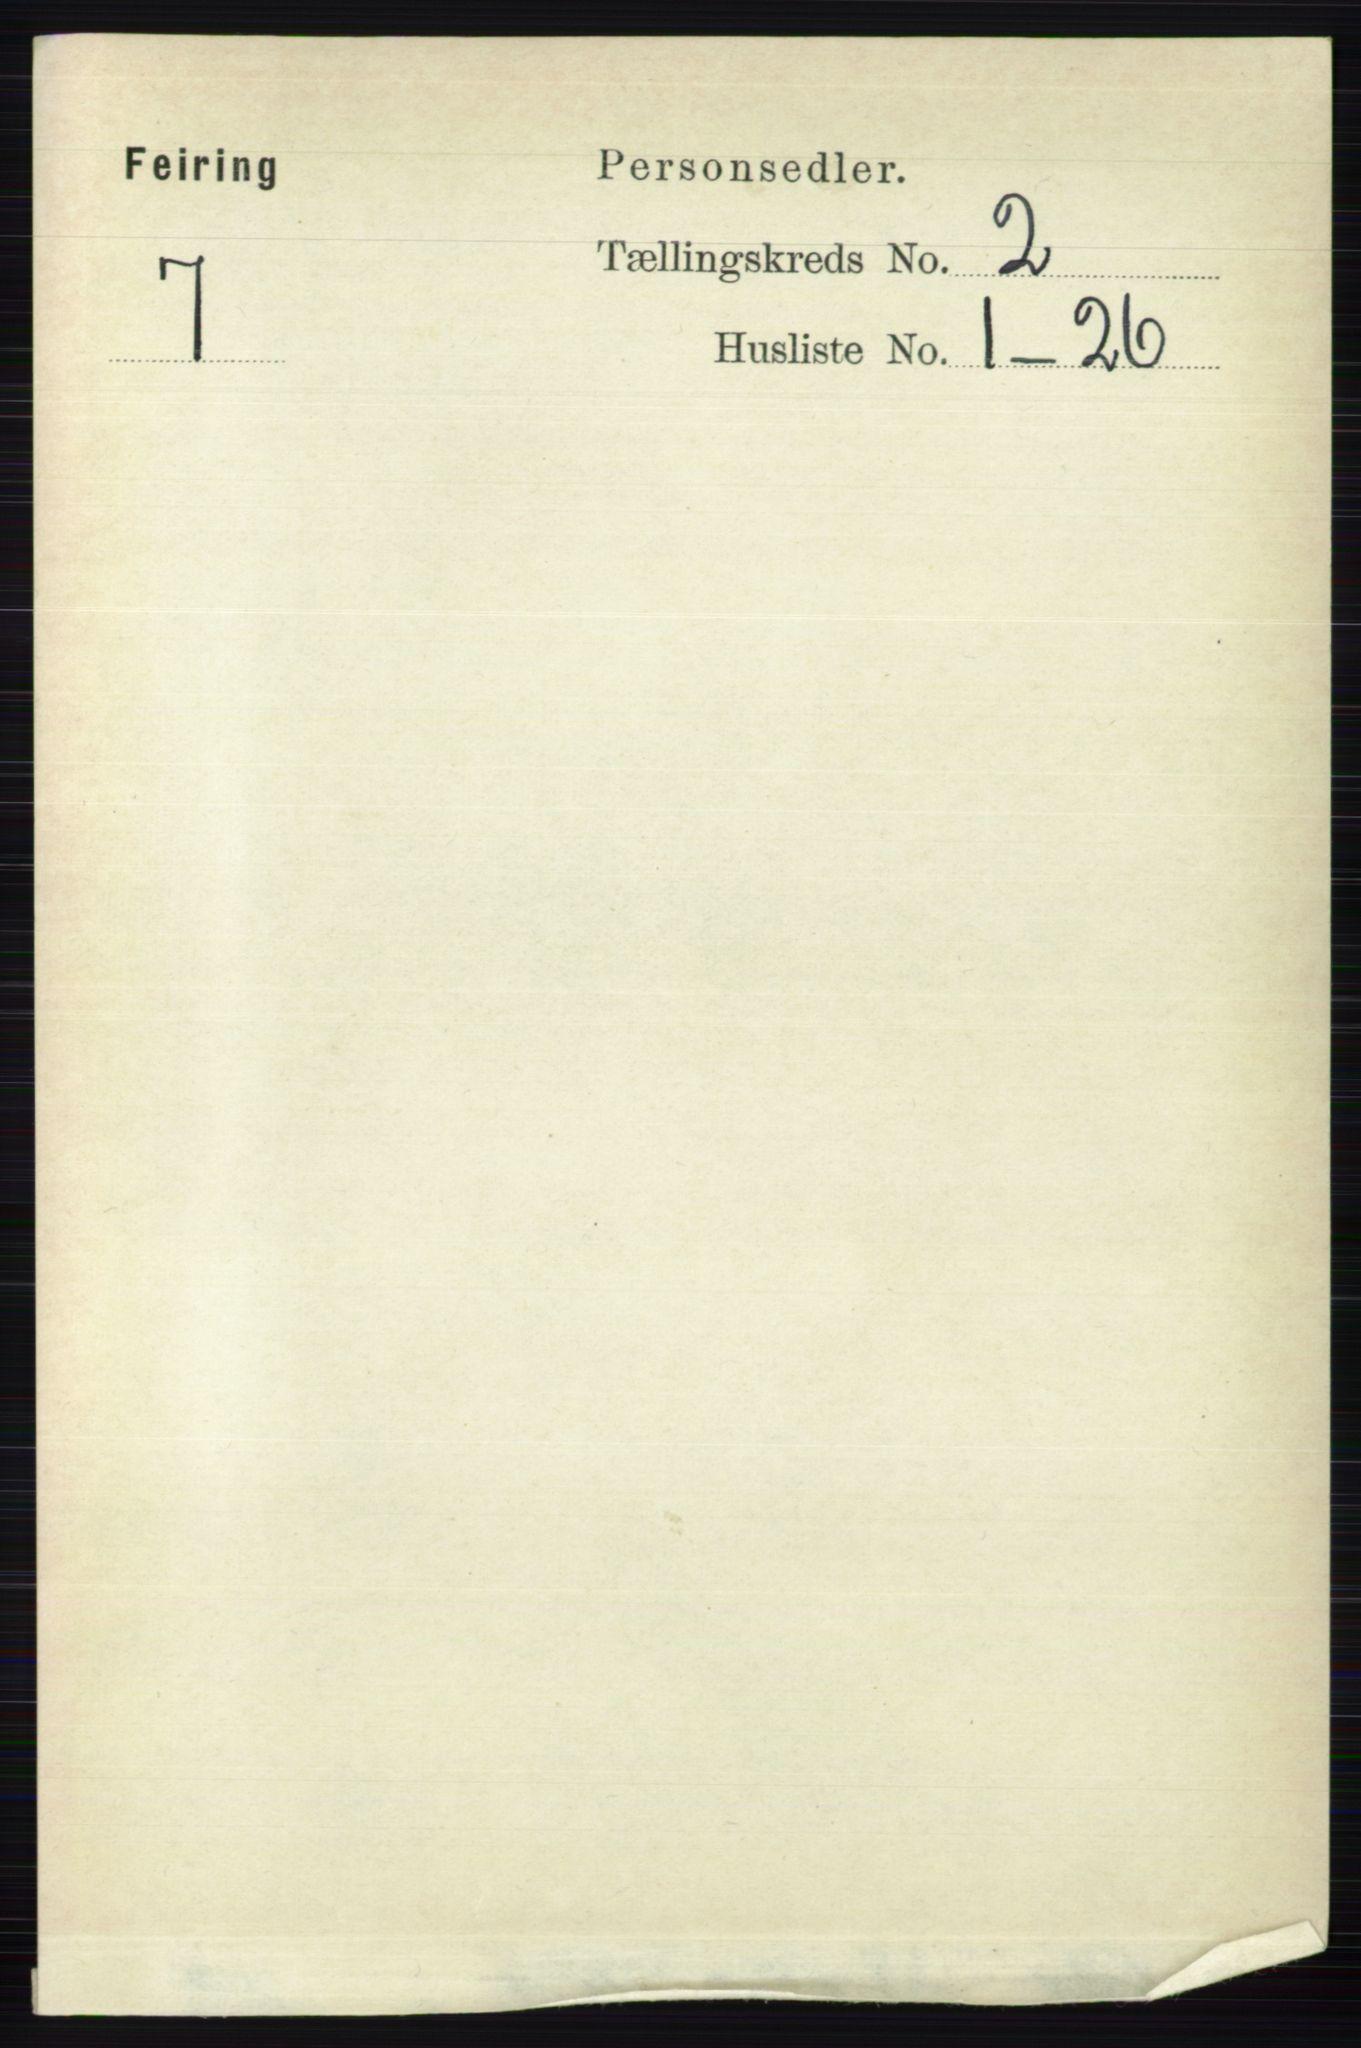 RA, Folketelling 1891 for 0240 Feiring herred, 1891, s. 760